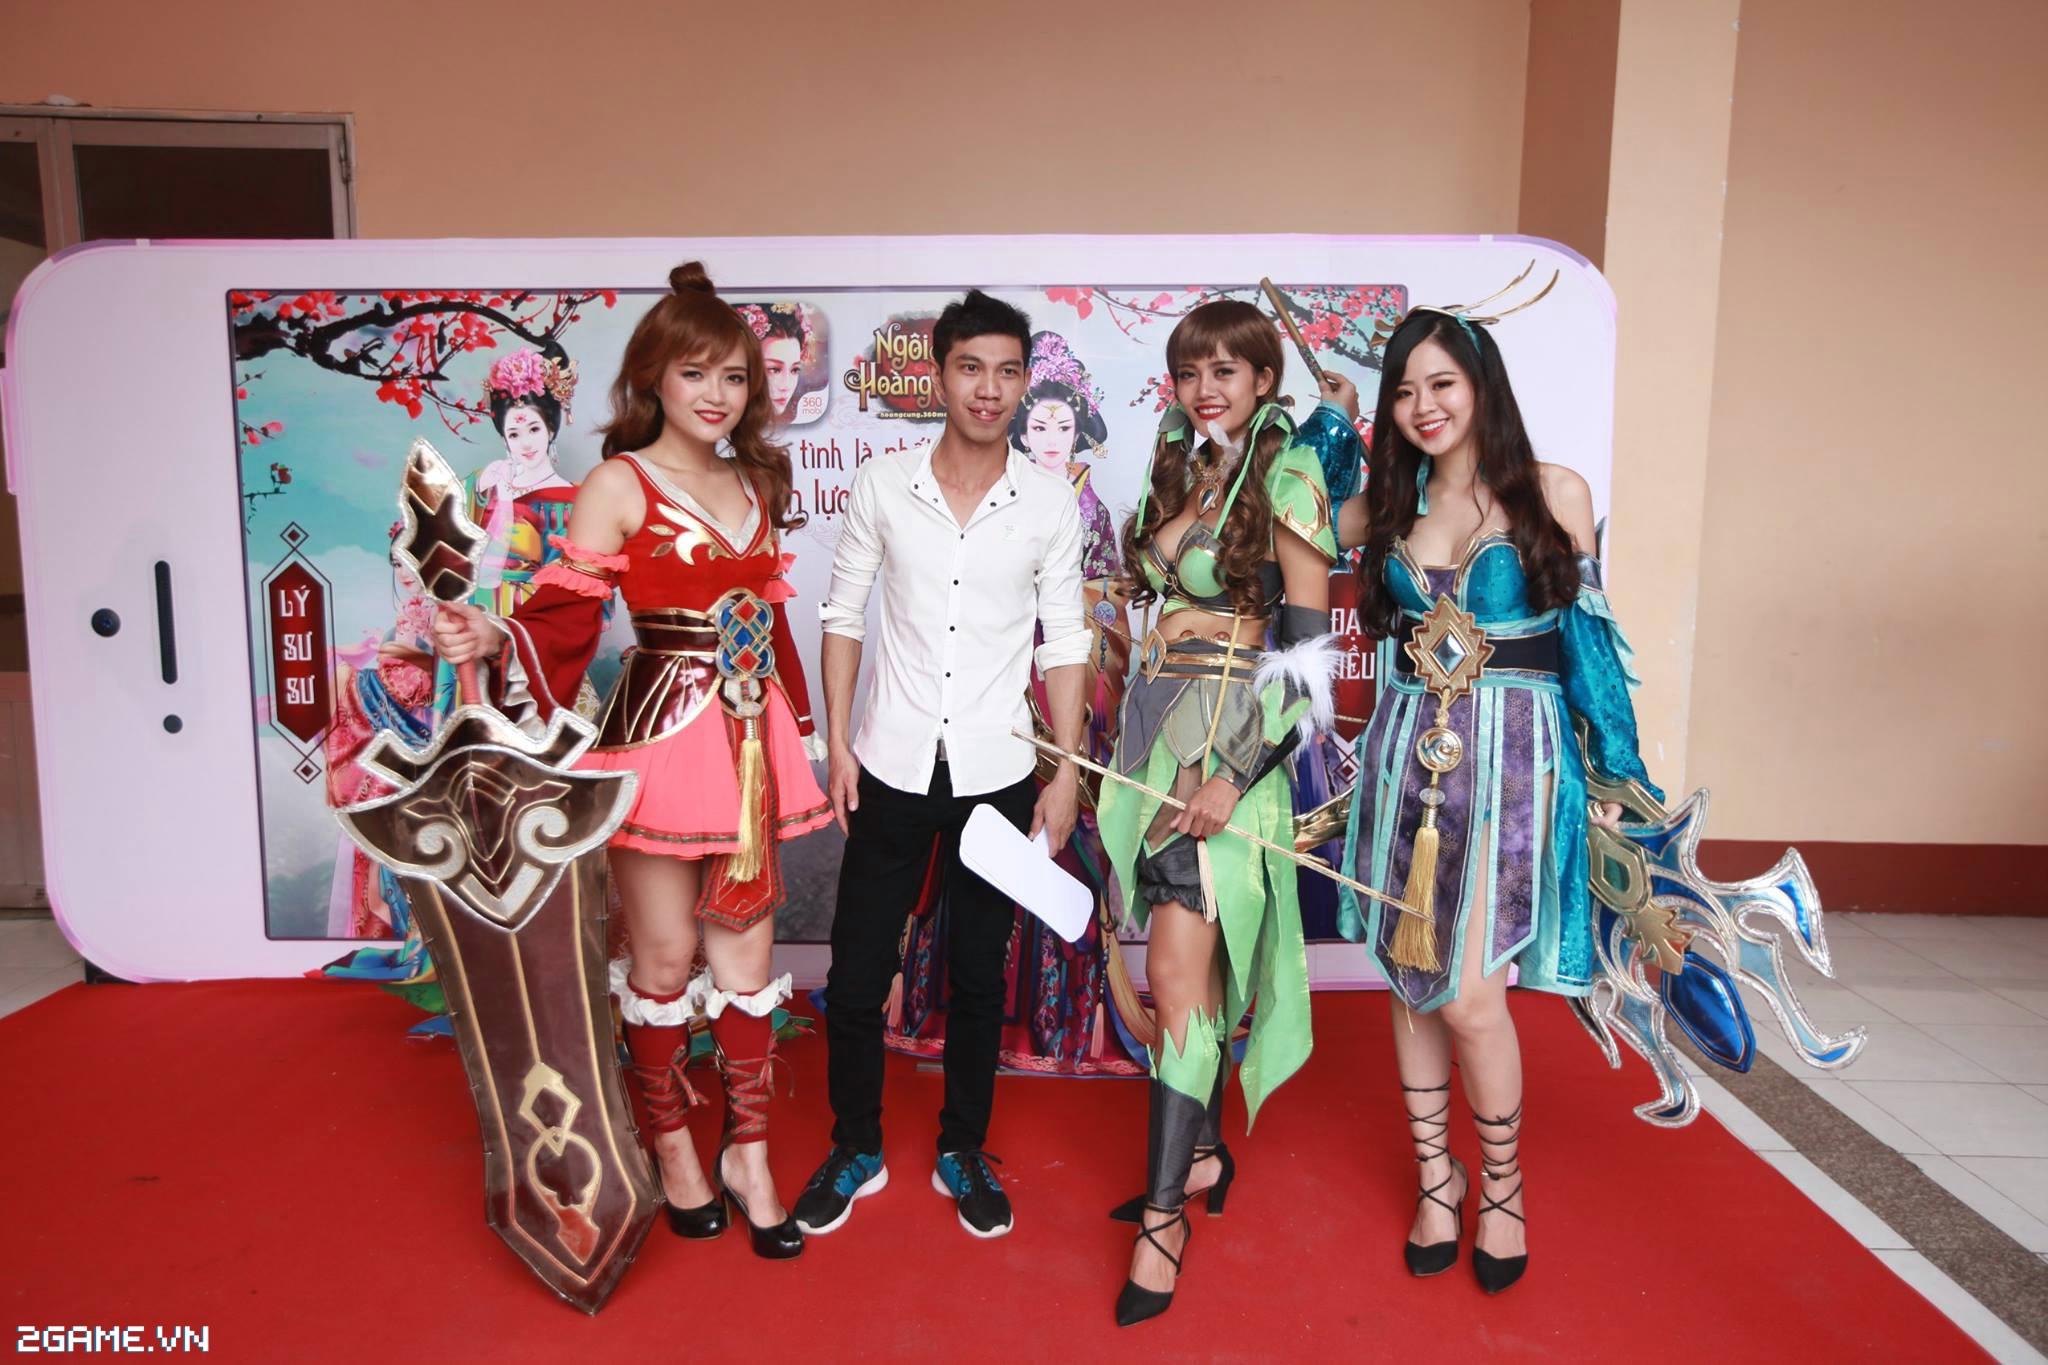 Điểm mặt các cosplay game xuất hiện tại Đại Hội 360mobi 2016 6